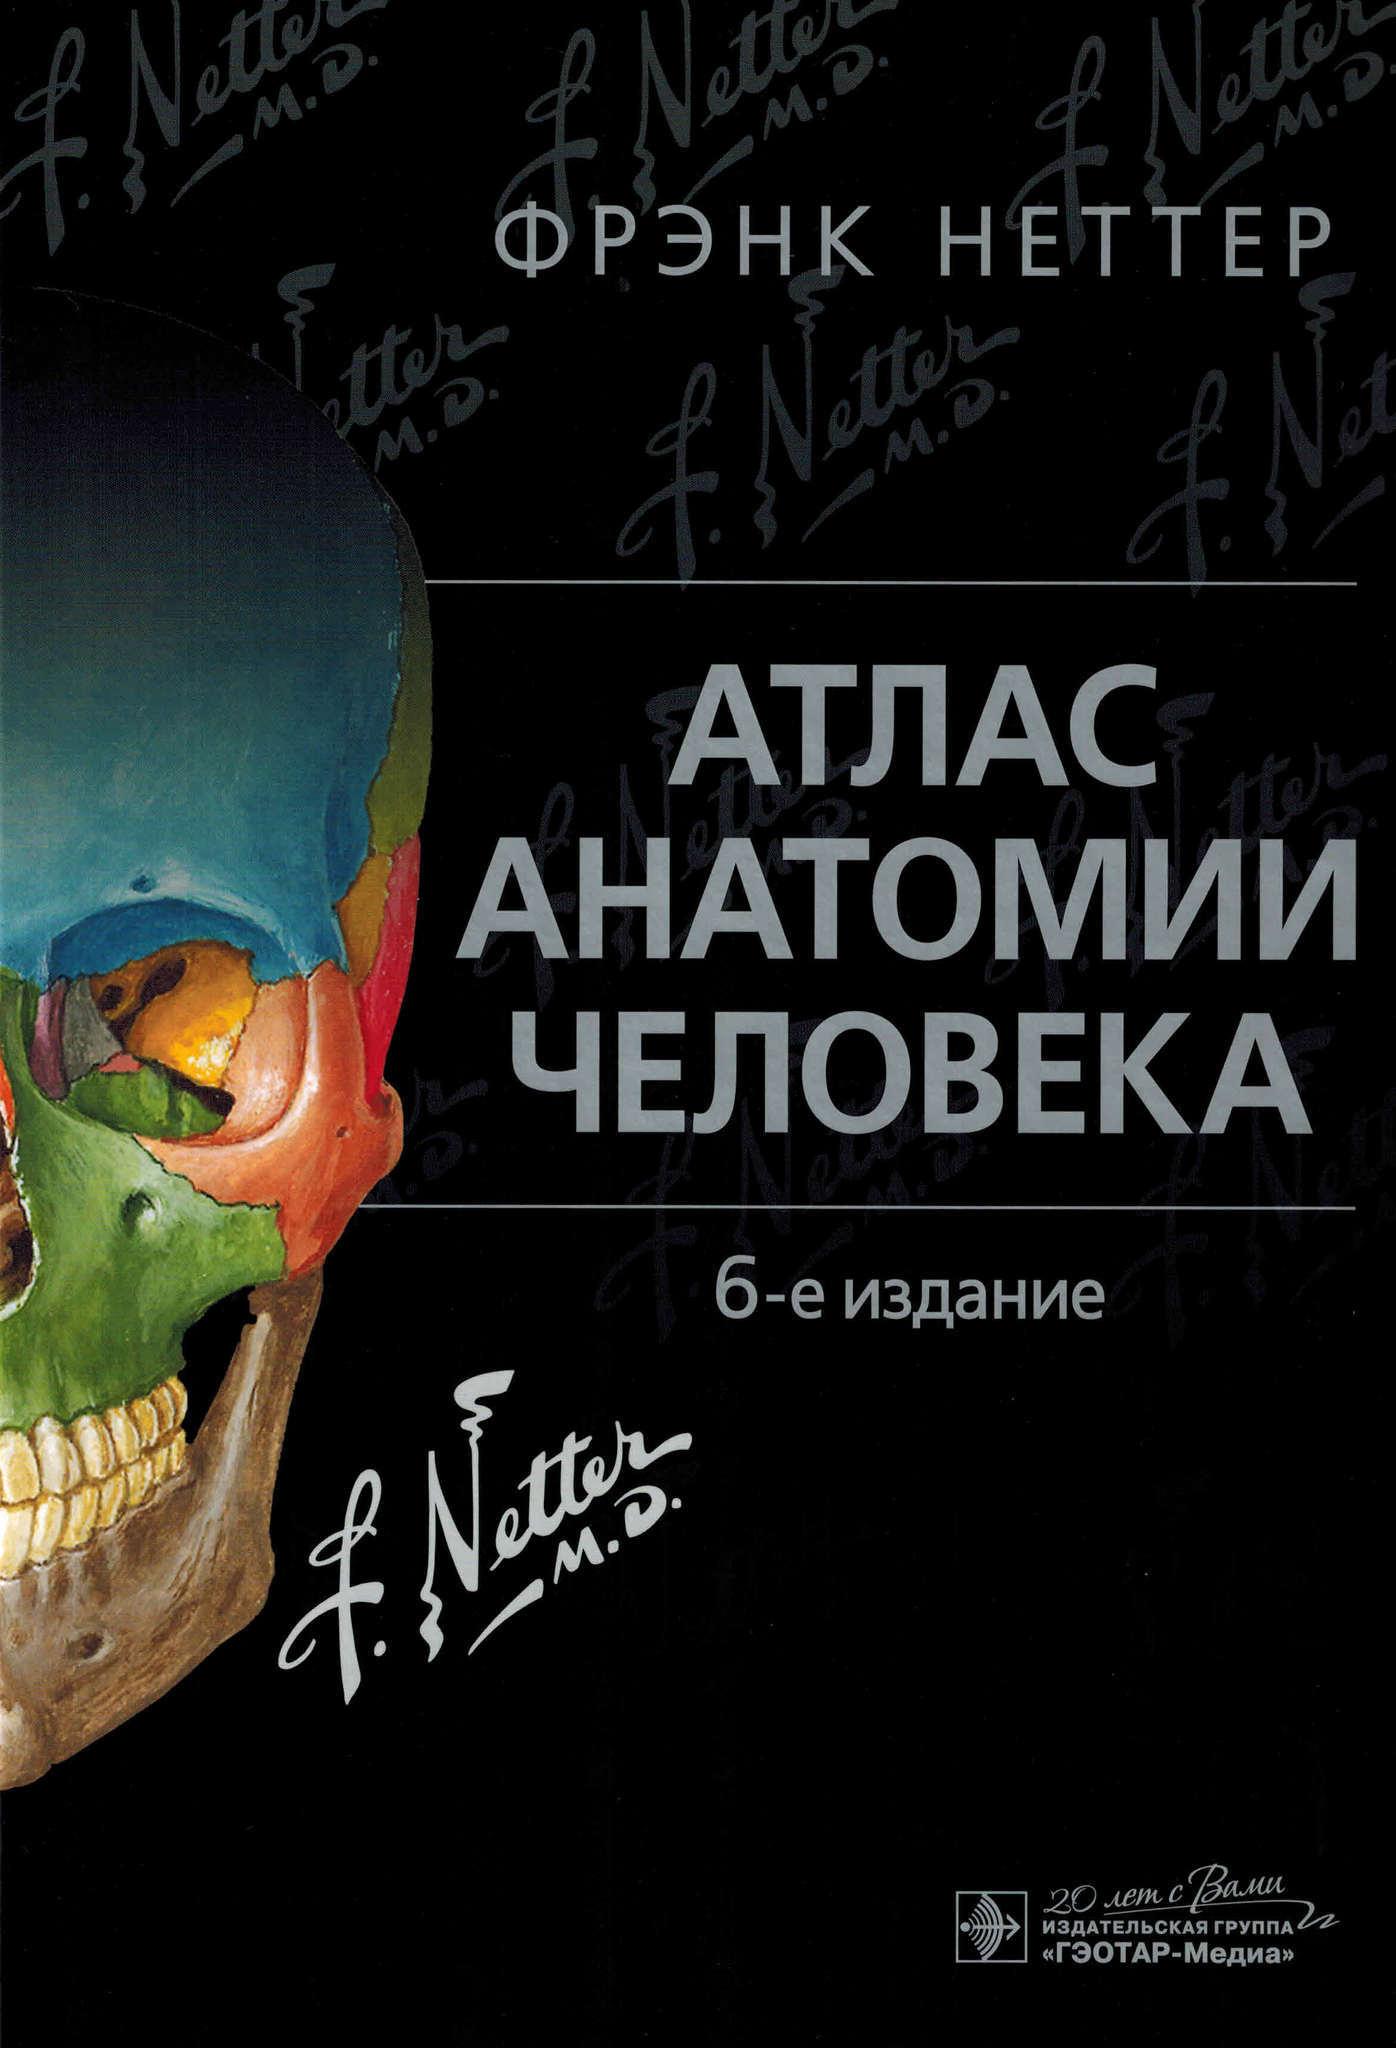 Атлас Анатомии Человека Фрэнк Неттер Отзывы